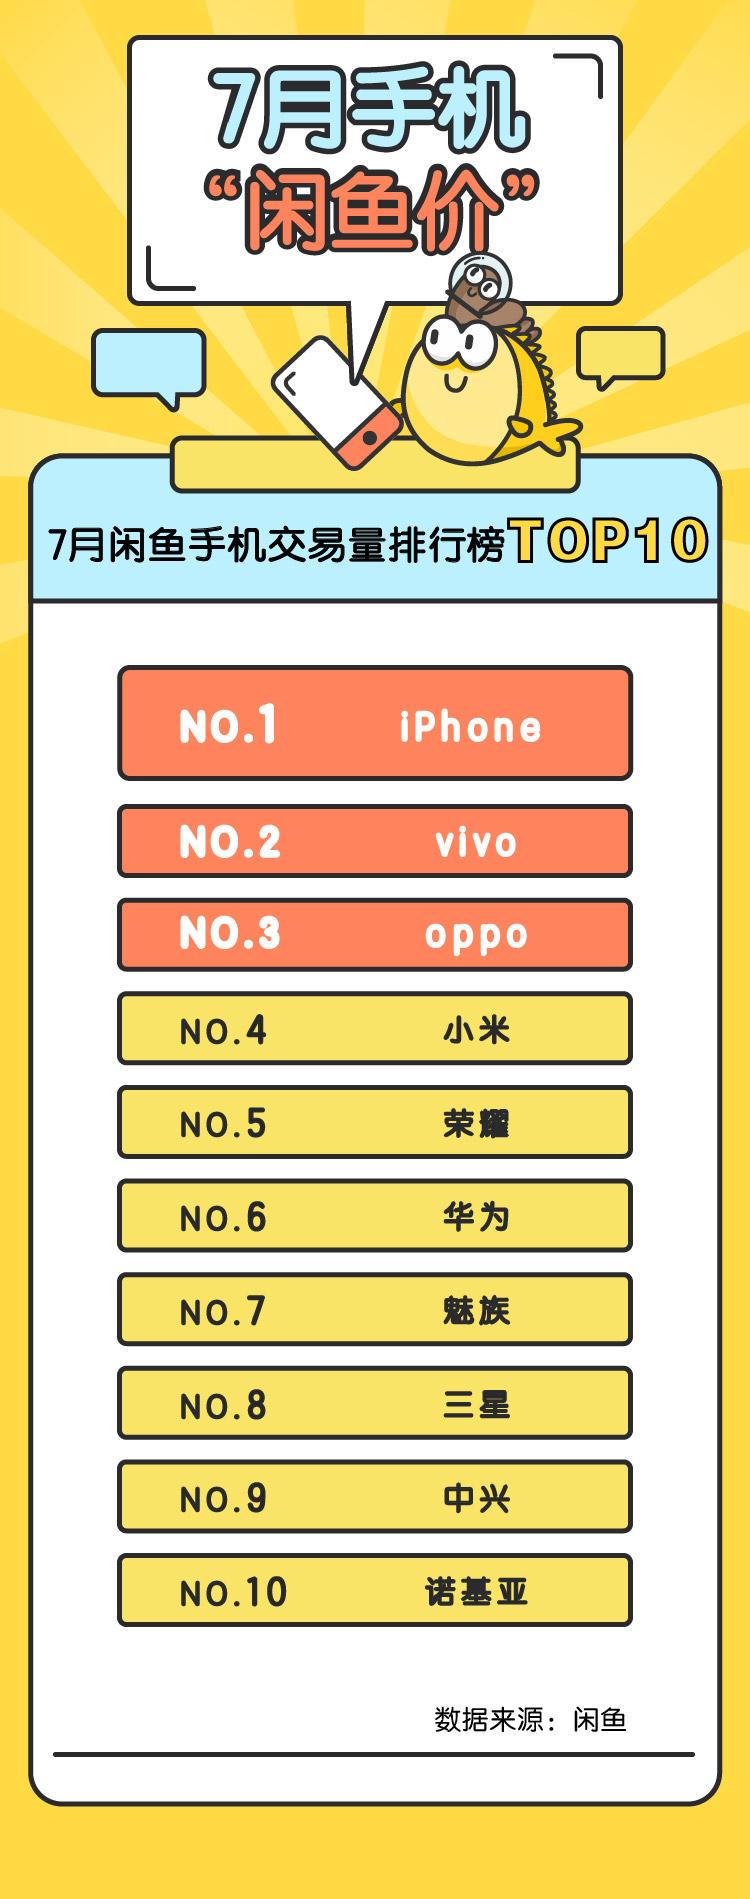 7月手机闲鱼价OPPO国产最保